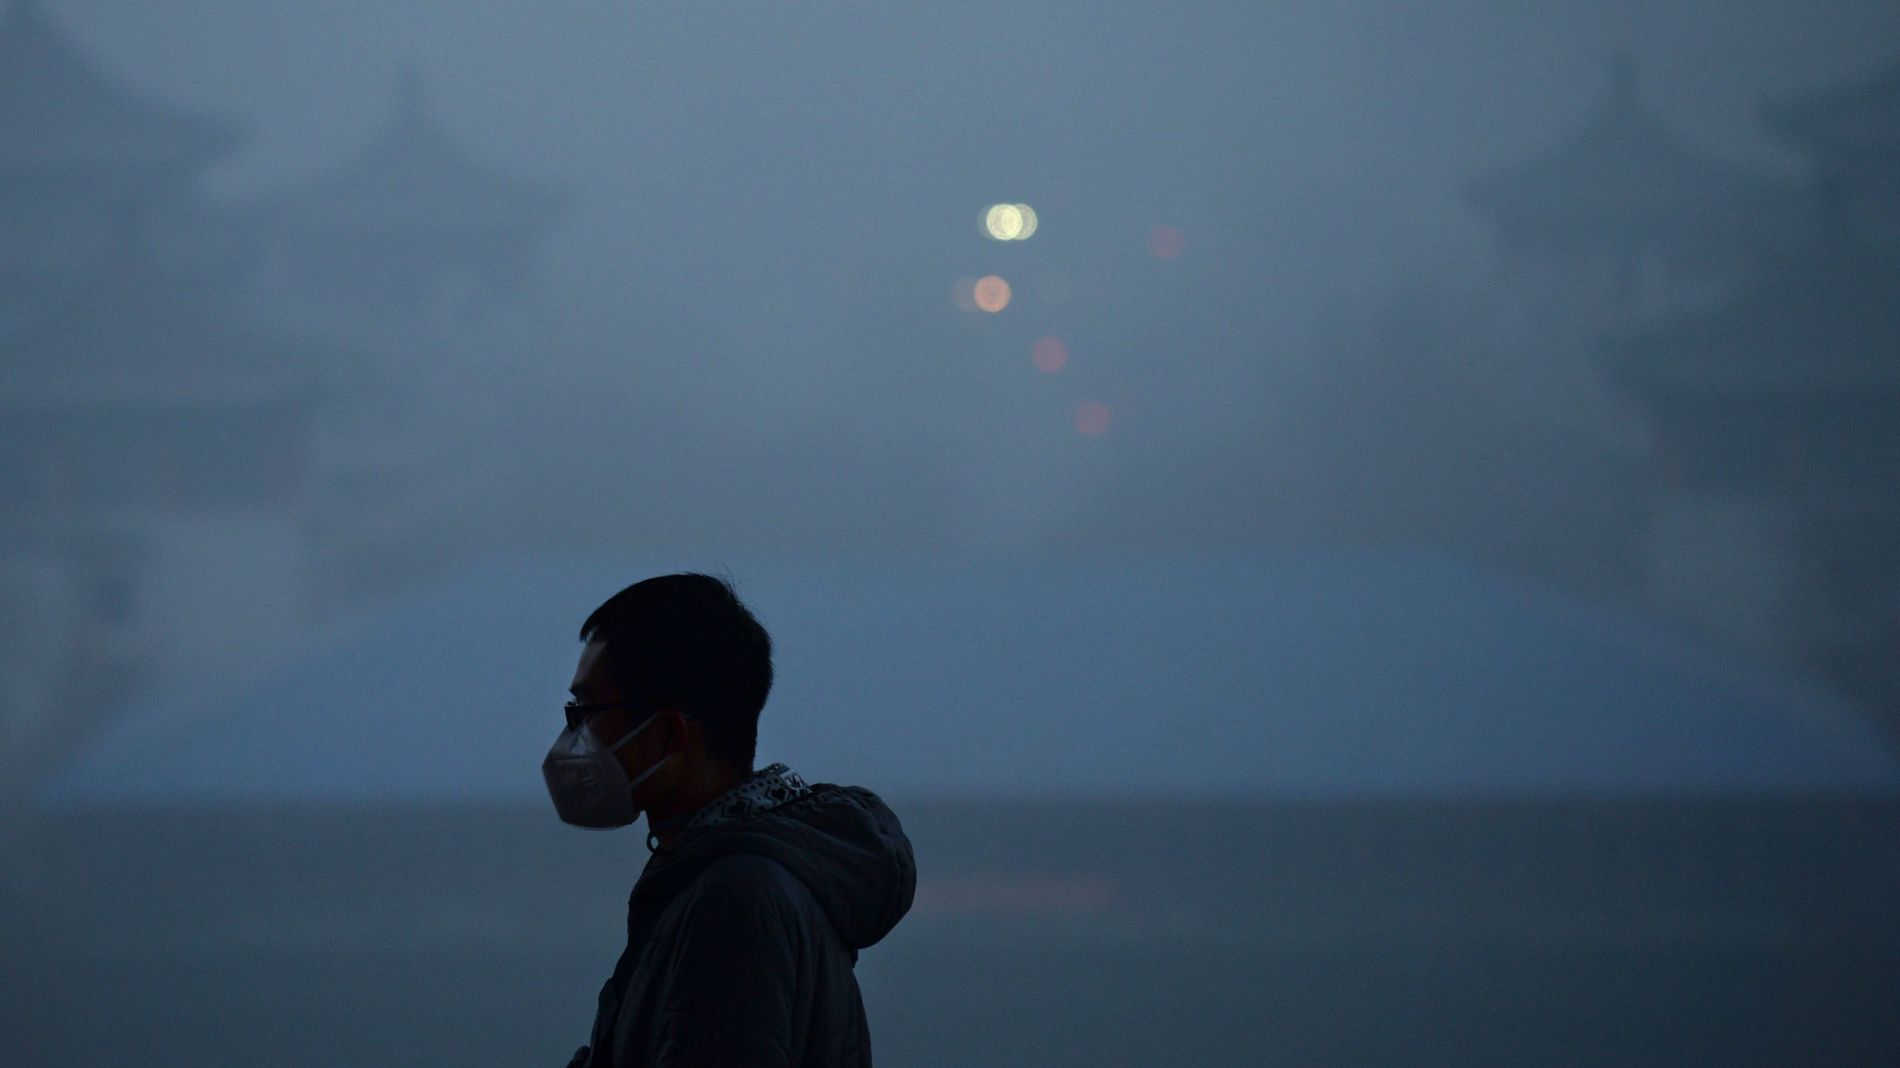 SKITTEN LUFT: Forskere har beregnet at dersom togradersmålet nås, vil det bety en nedgang på 21-27 prosent i dødsfall knyttet til luftforurensning.